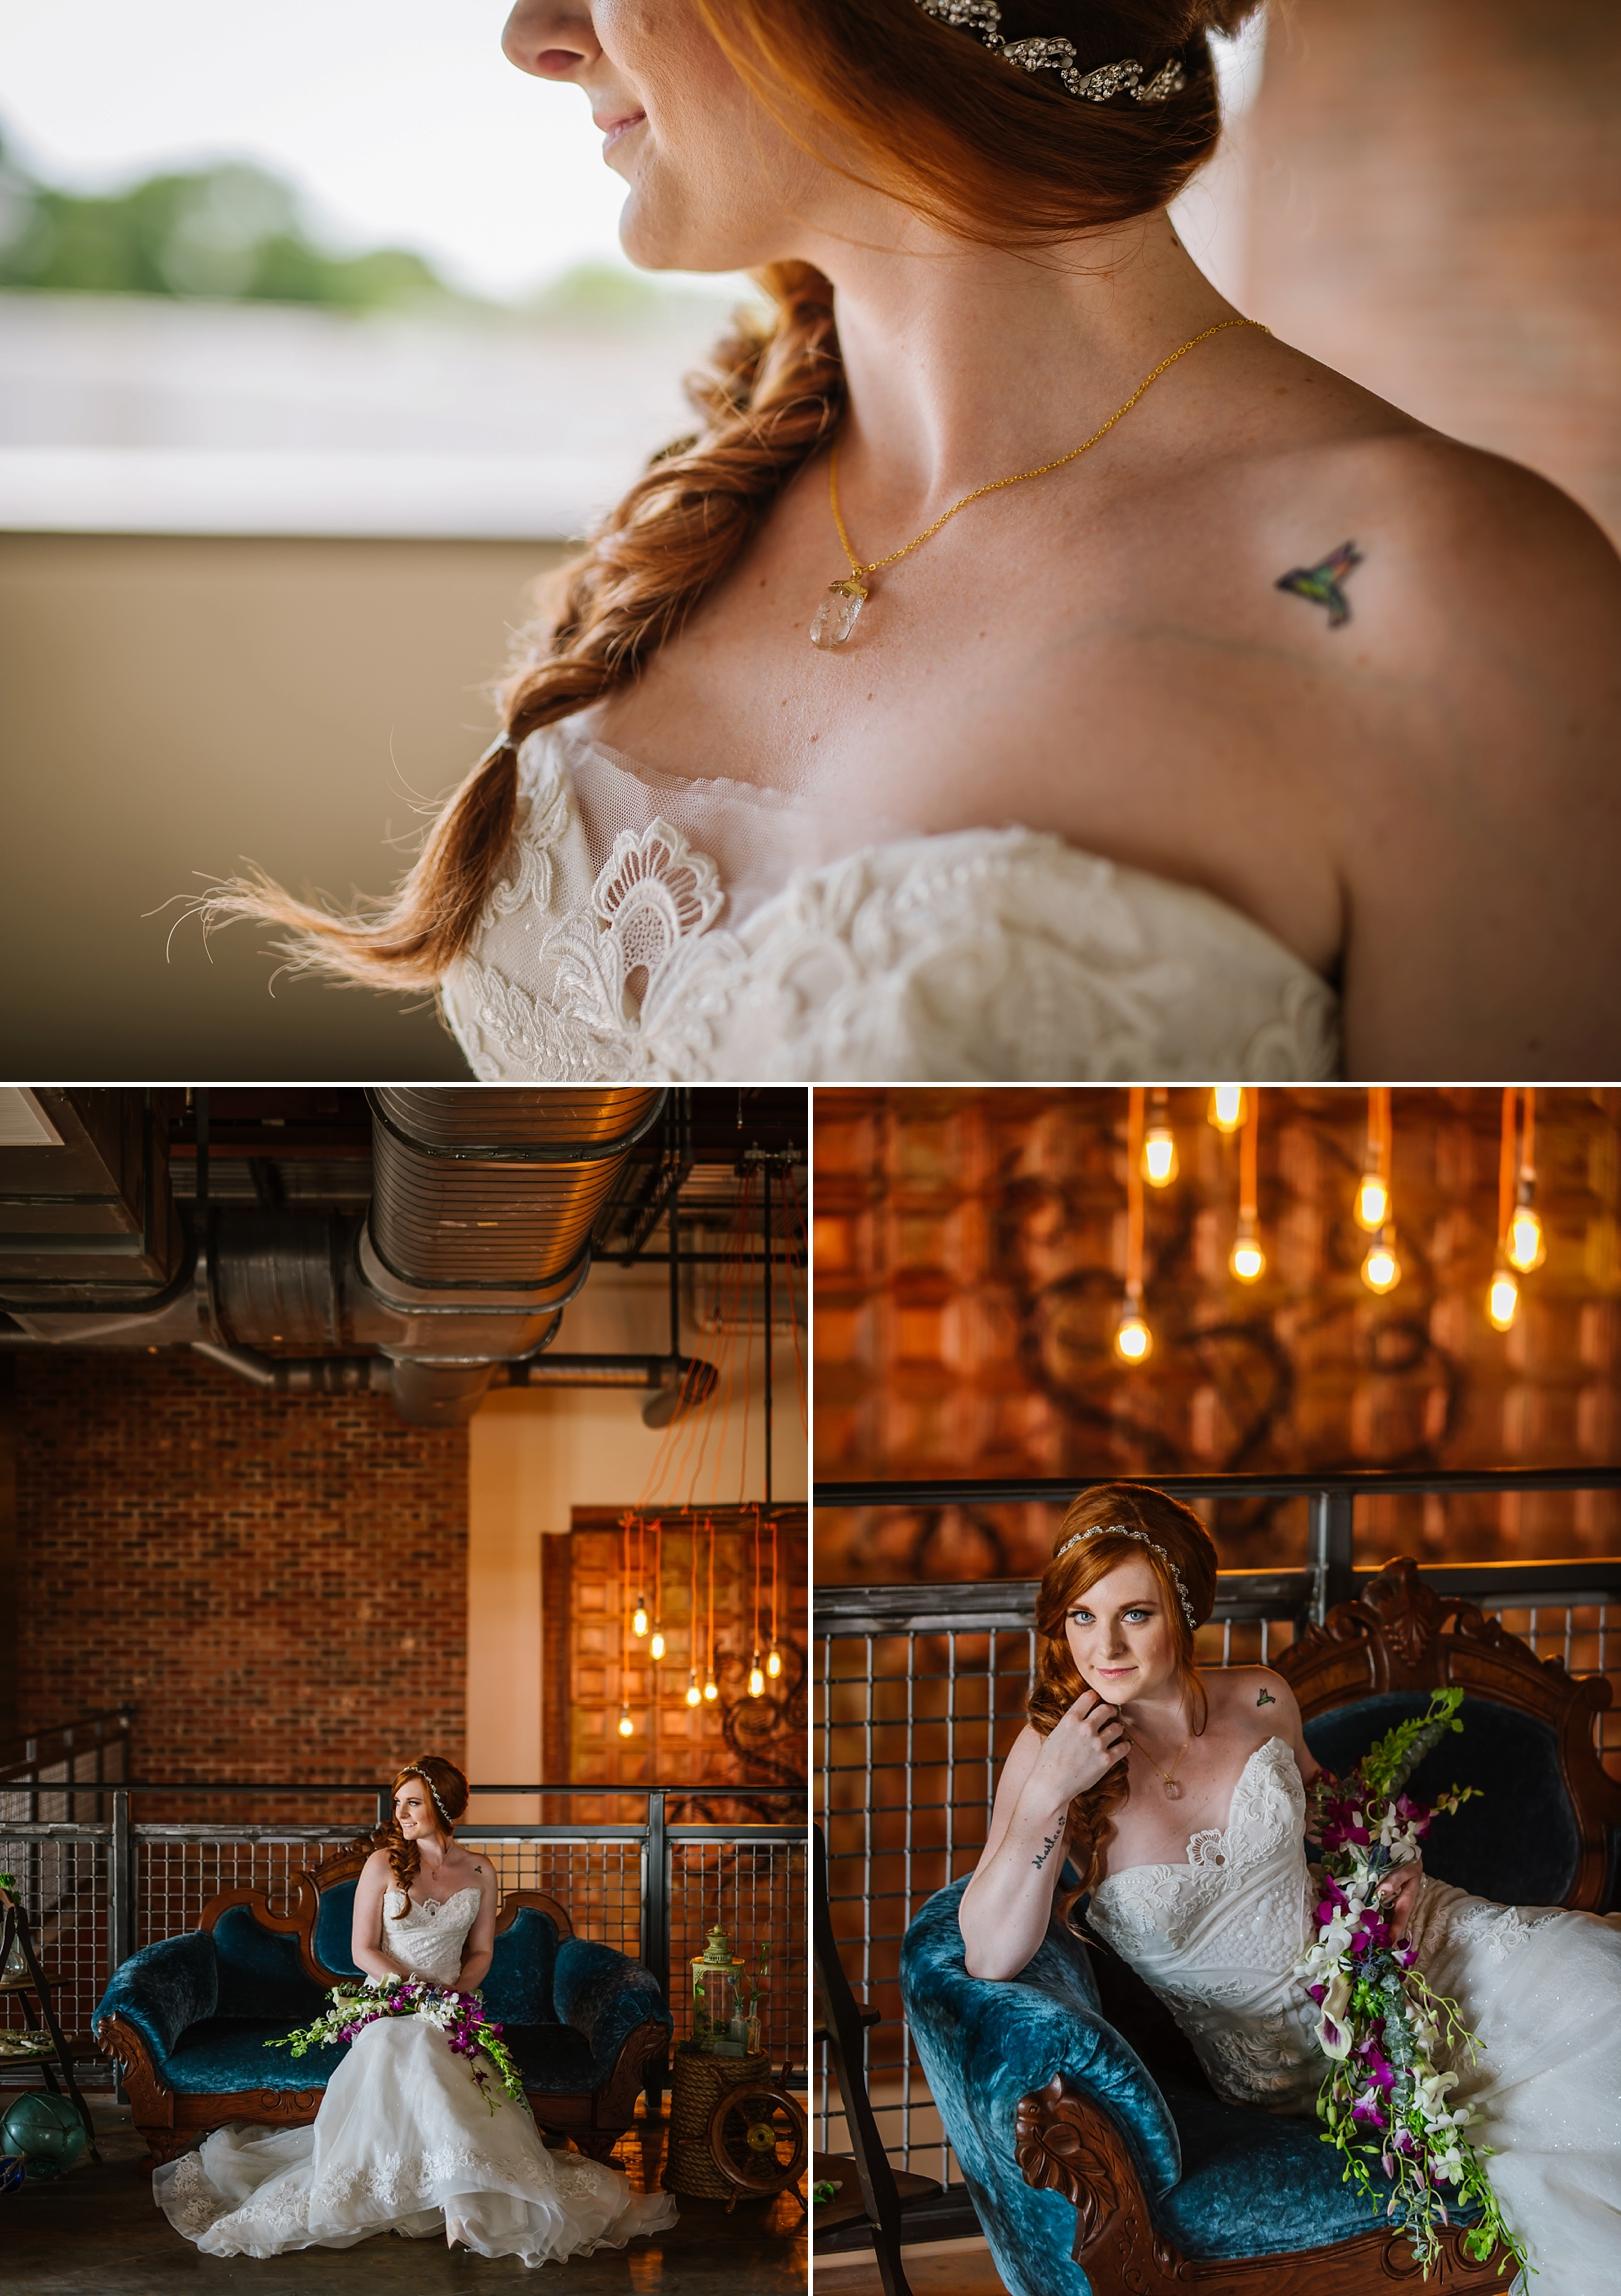 blue-nautical-brewery-unique-wedding-inspiration-photography-ashlee-hamon_0020.jpg